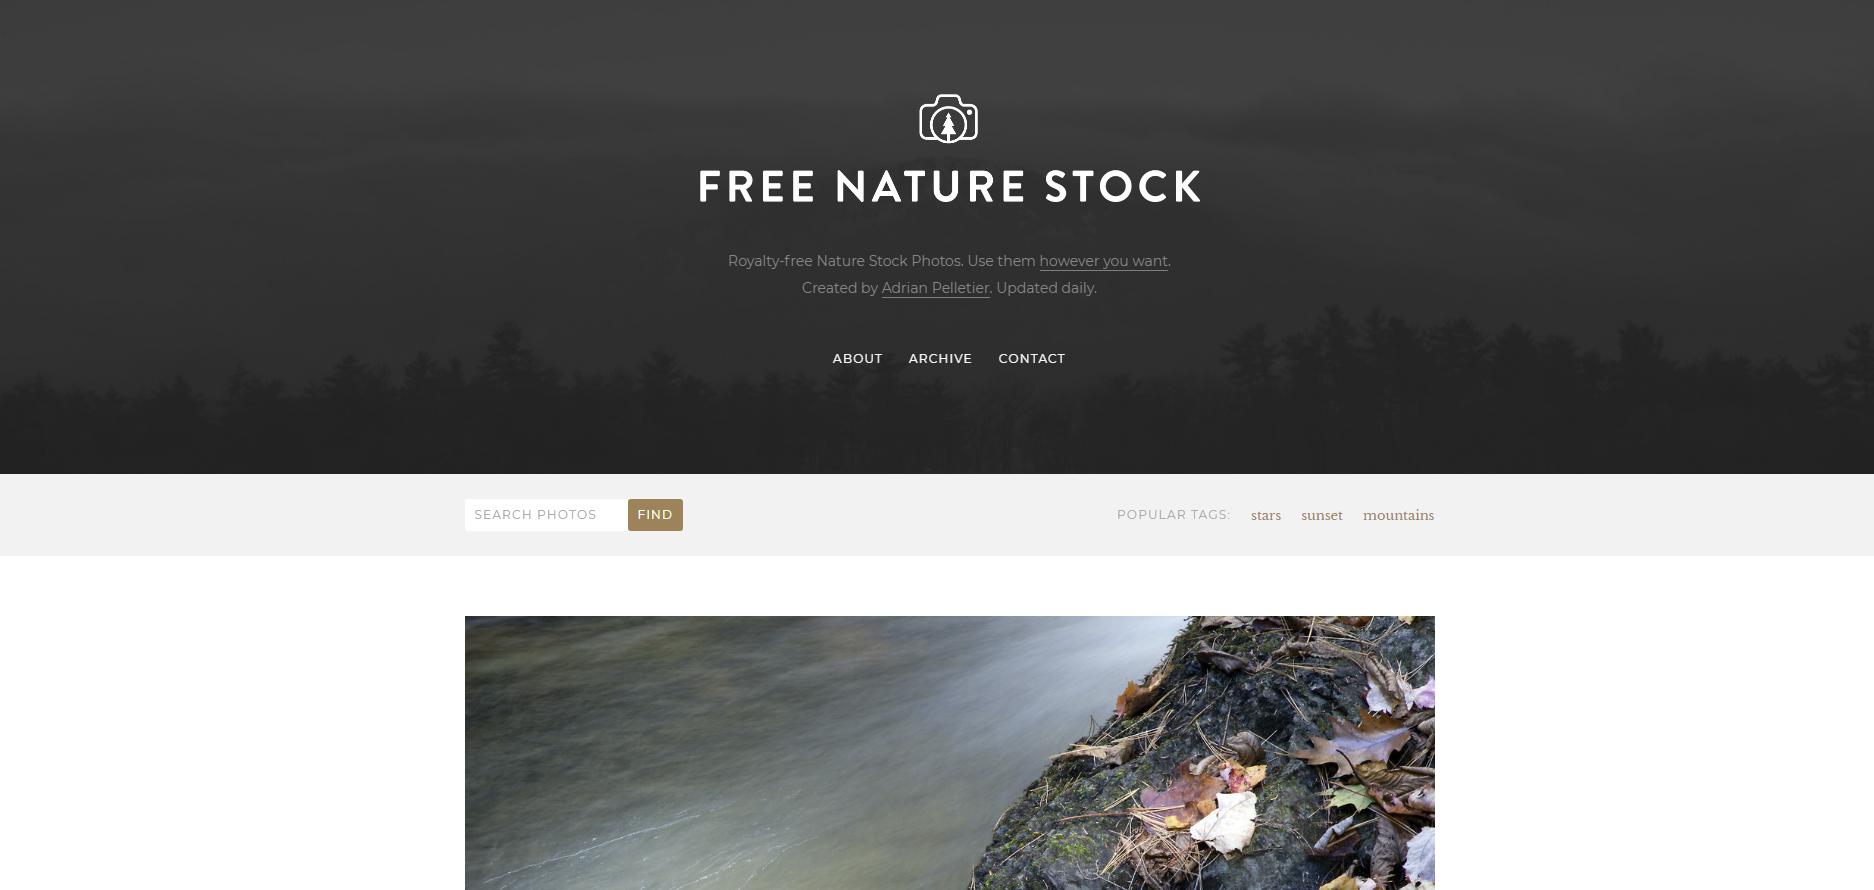 freenaturestock, jogtiszta fotók, ingyenes fotók, jogtiszta képek, ingyenes képek, ingyenes png ábrák, ingyenes háttérképek, ingyenes logó